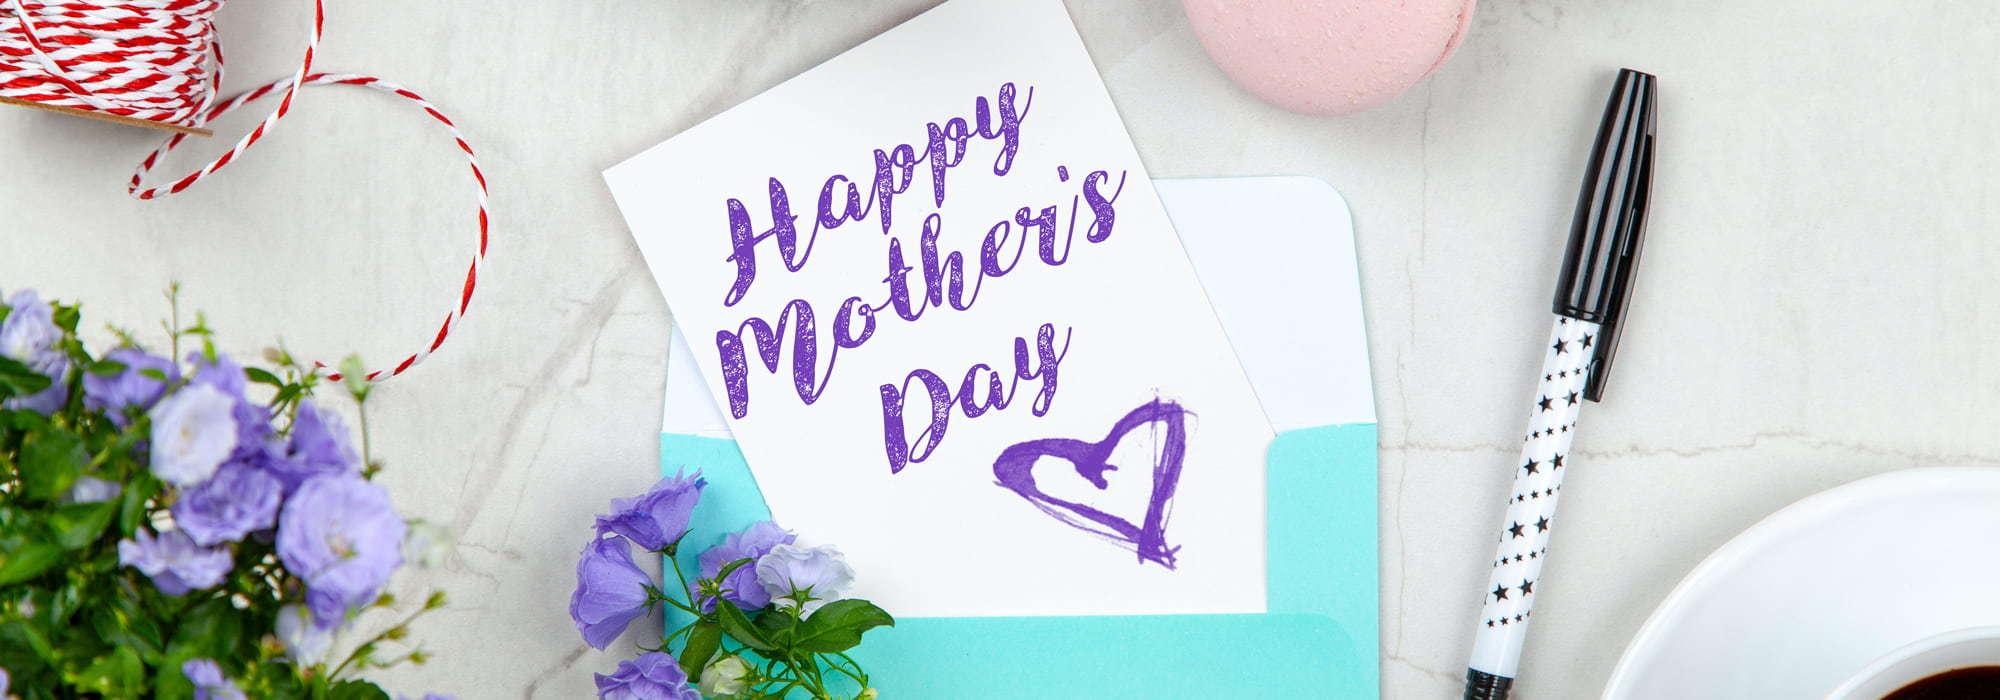 創意母親節小禮物推薦2021|Kama Delivery到會外賣速遞服務專家